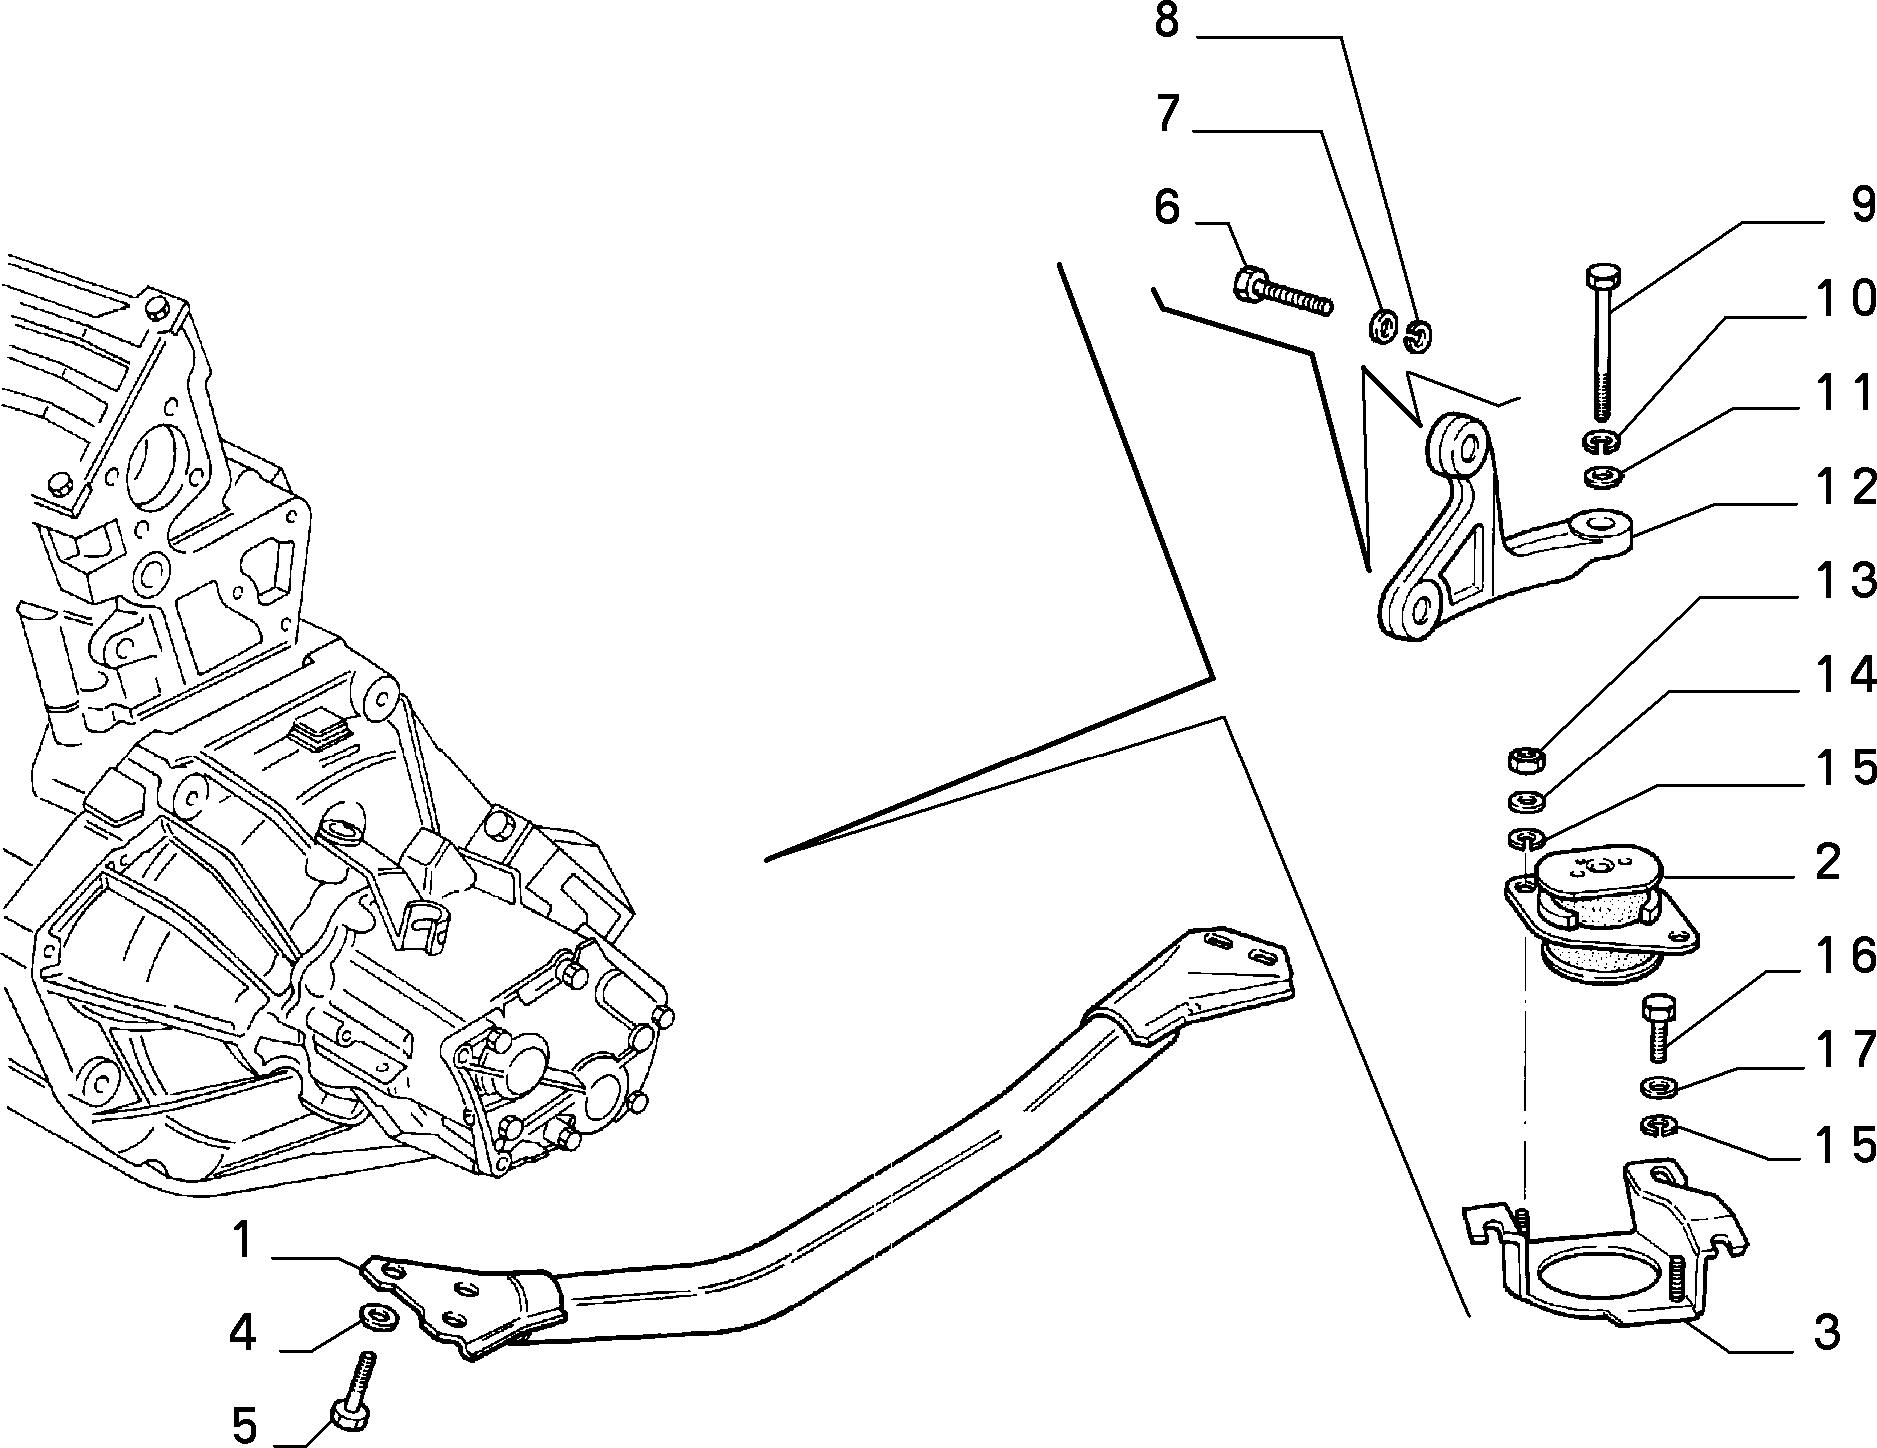 10002/03 ПОДВЕСКИ И СИЛОВОЙ АГРЕГАТ